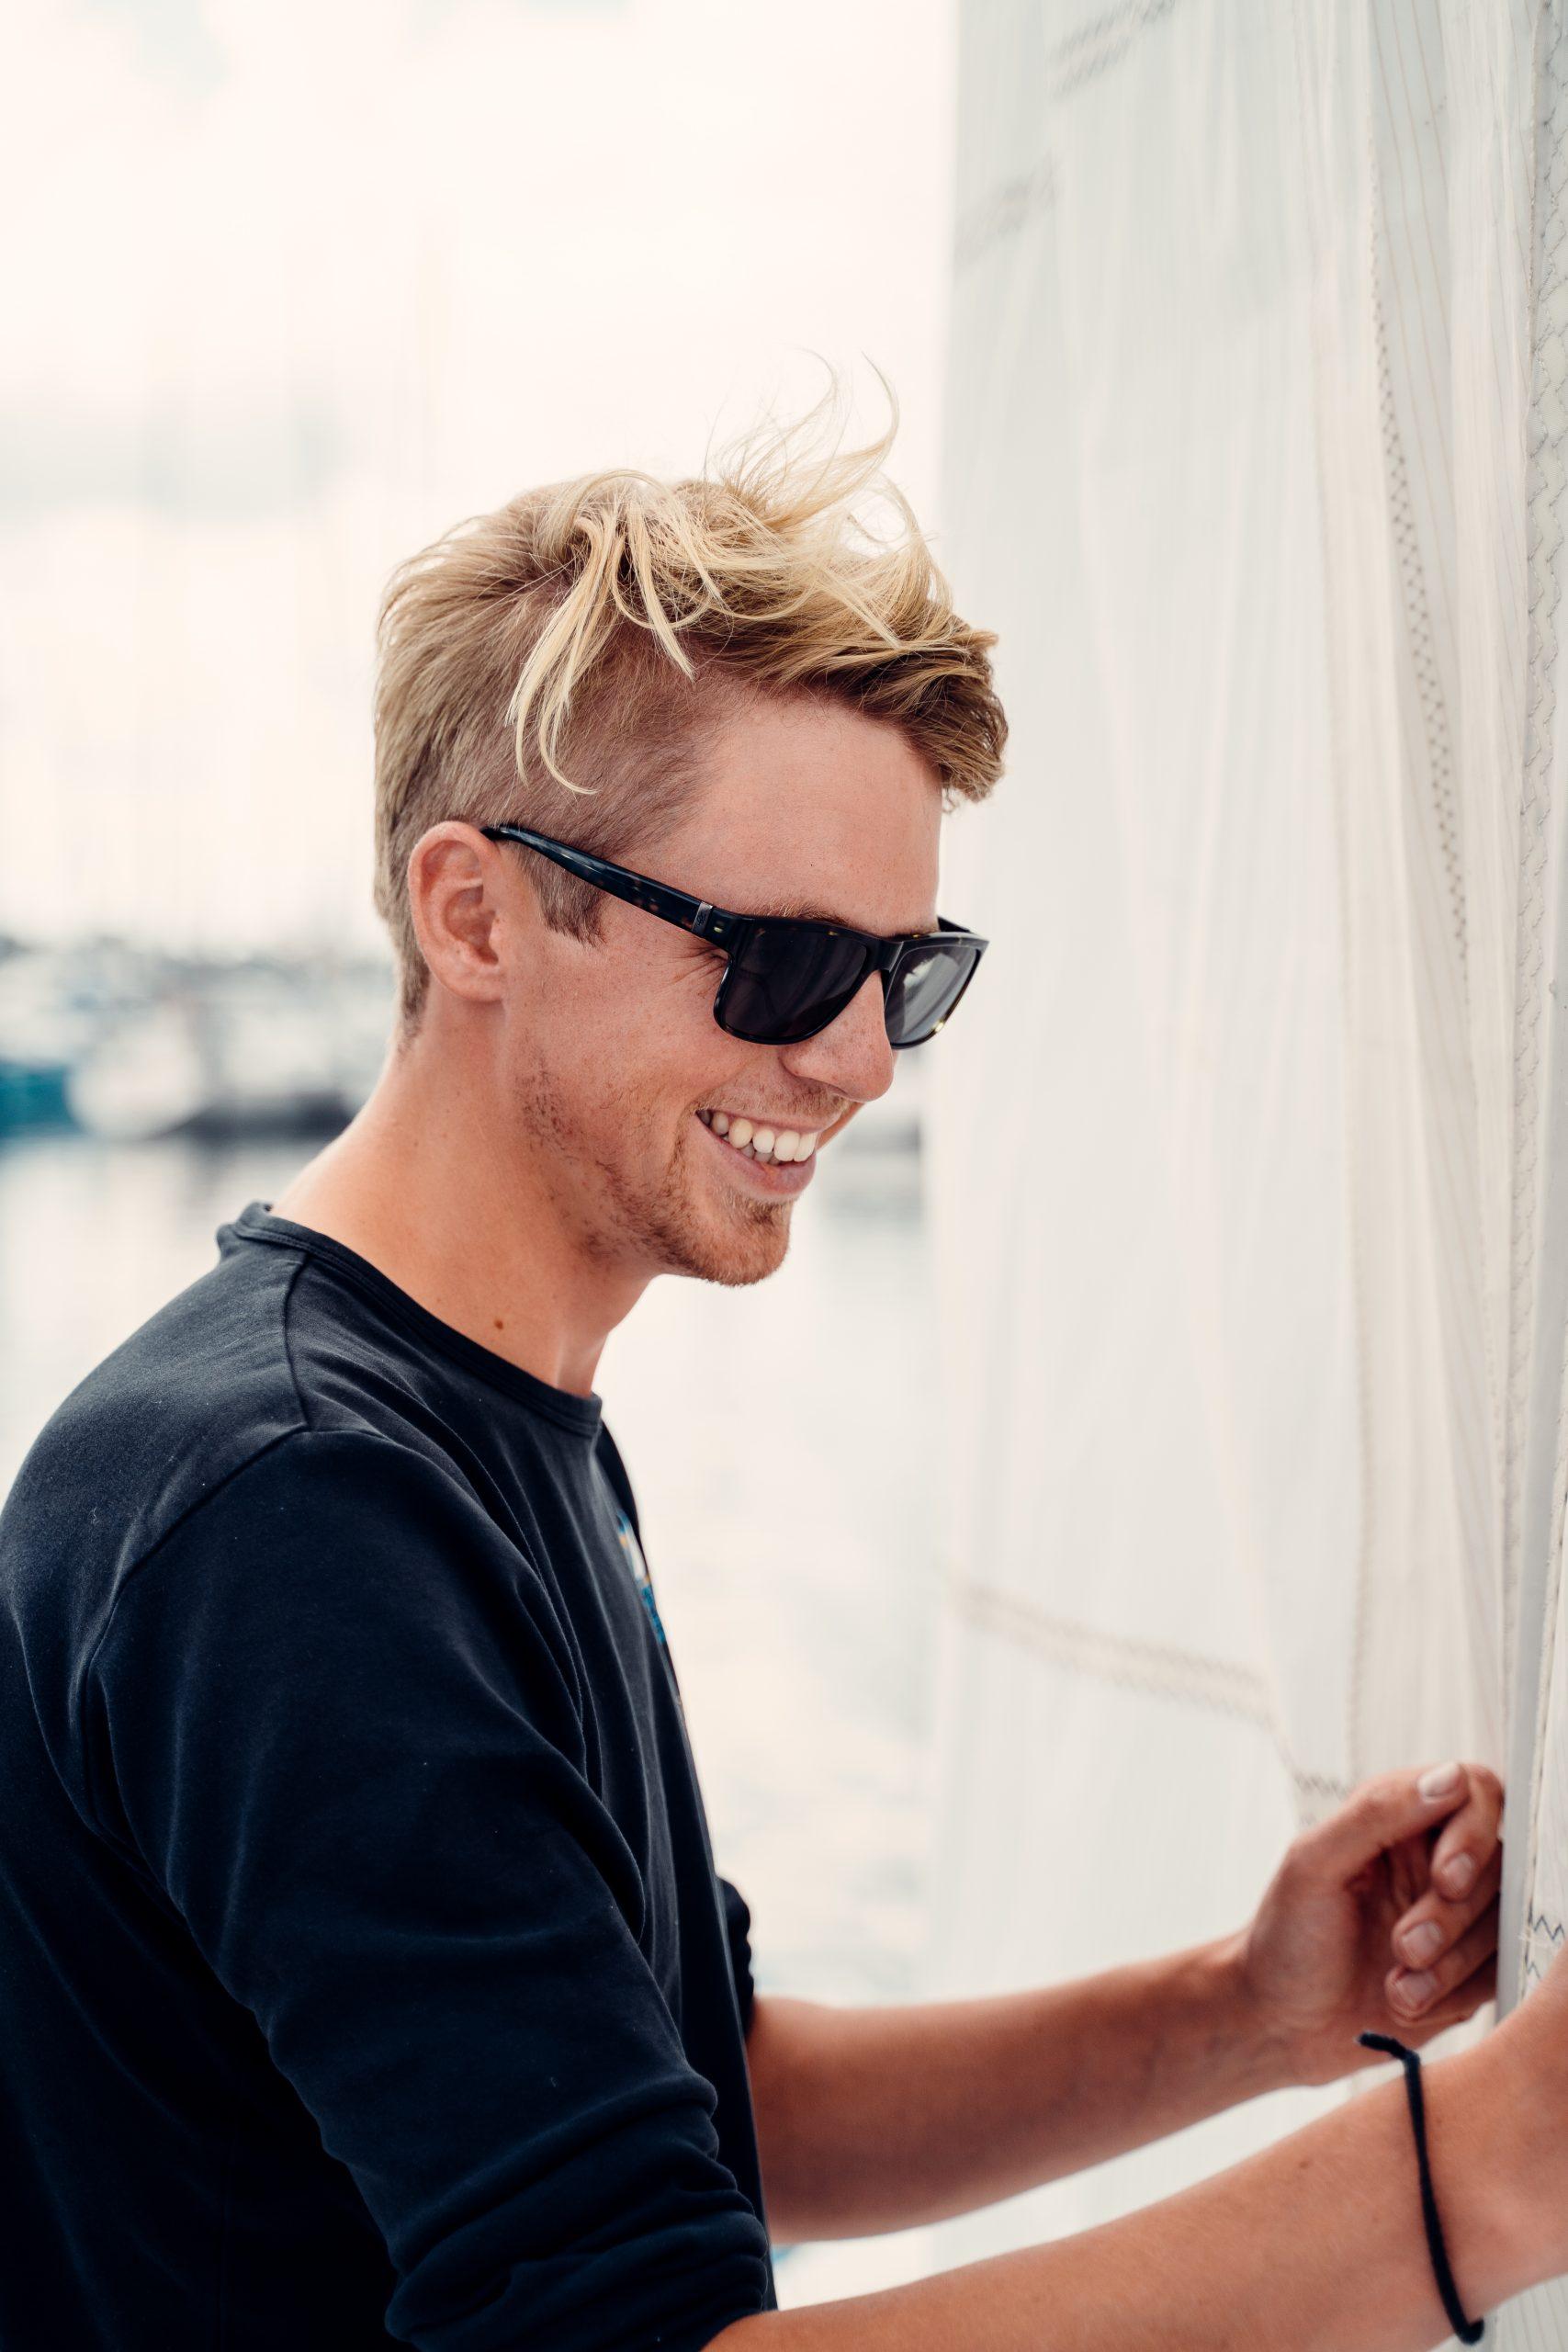 Martin Jannsen